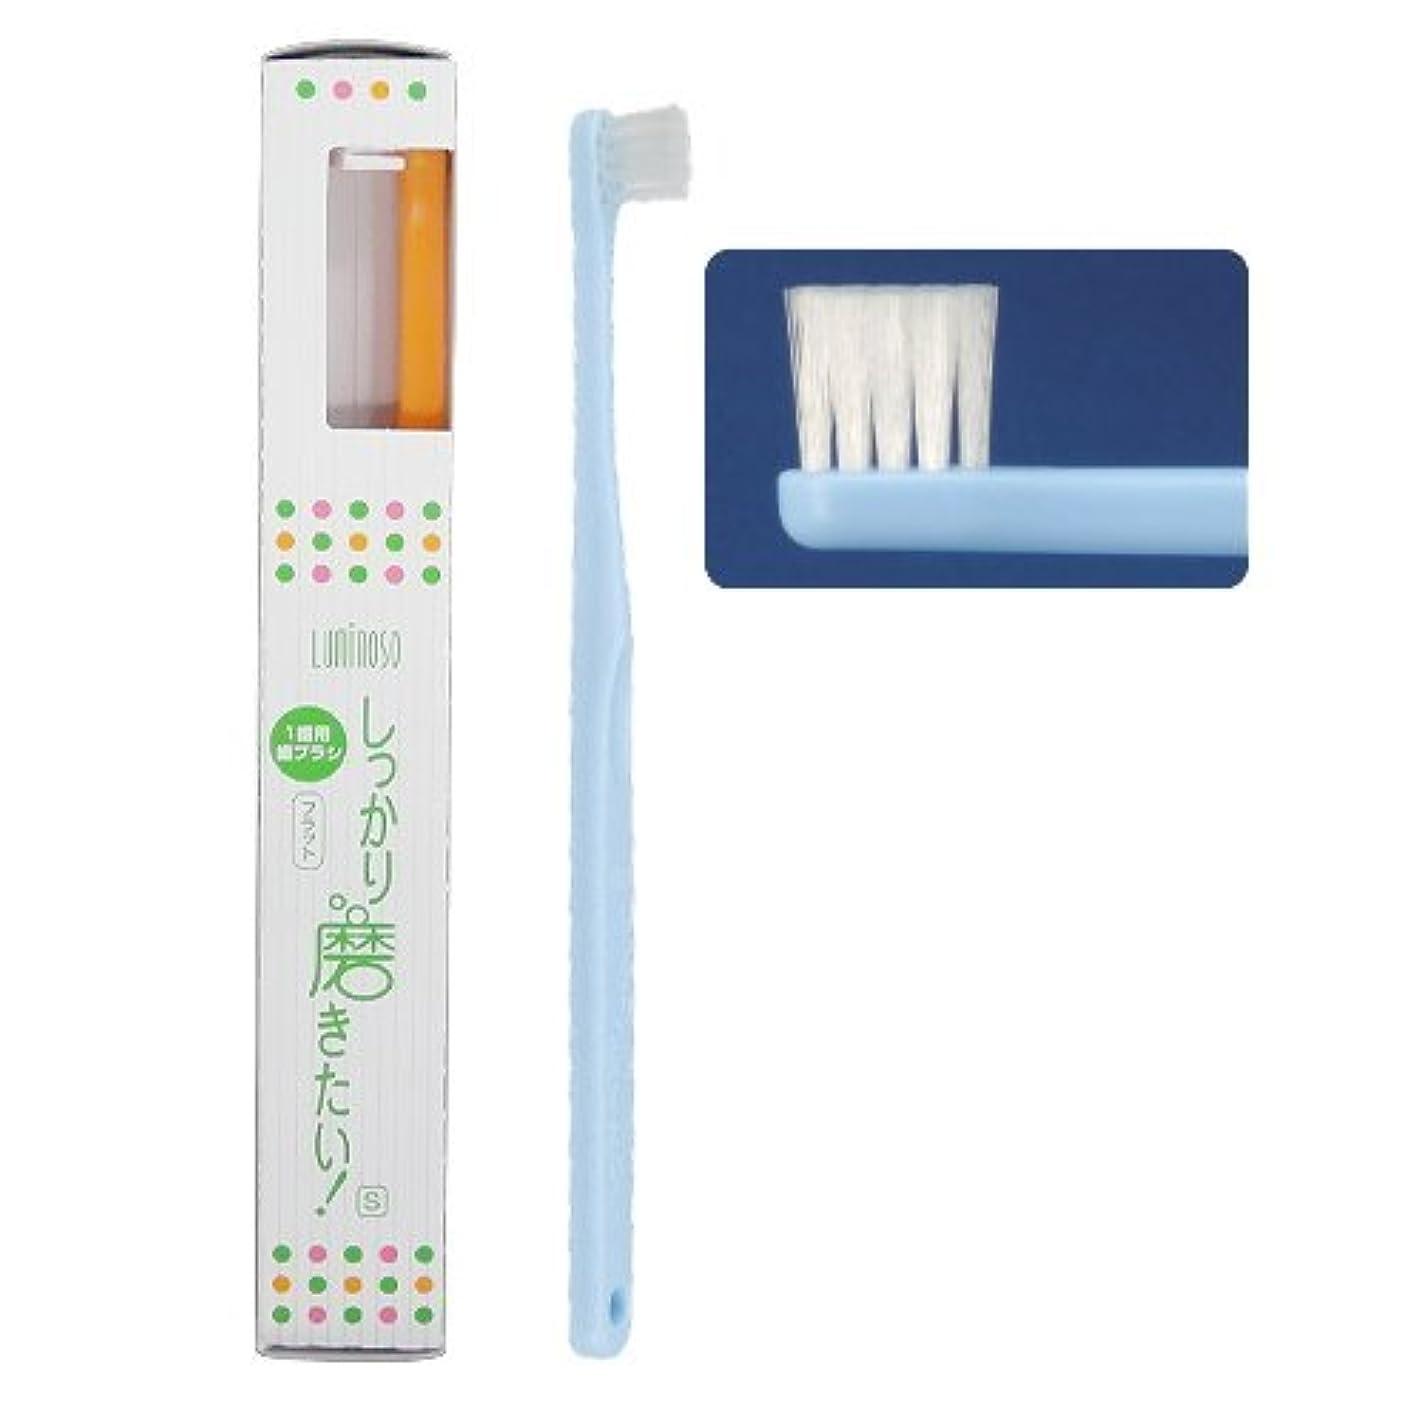 日食無人マンハッタンルミノソ 1歯用歯ブラシ 「しっかり磨きたい!」 フラット ソフト (カラー指定不可) 5本